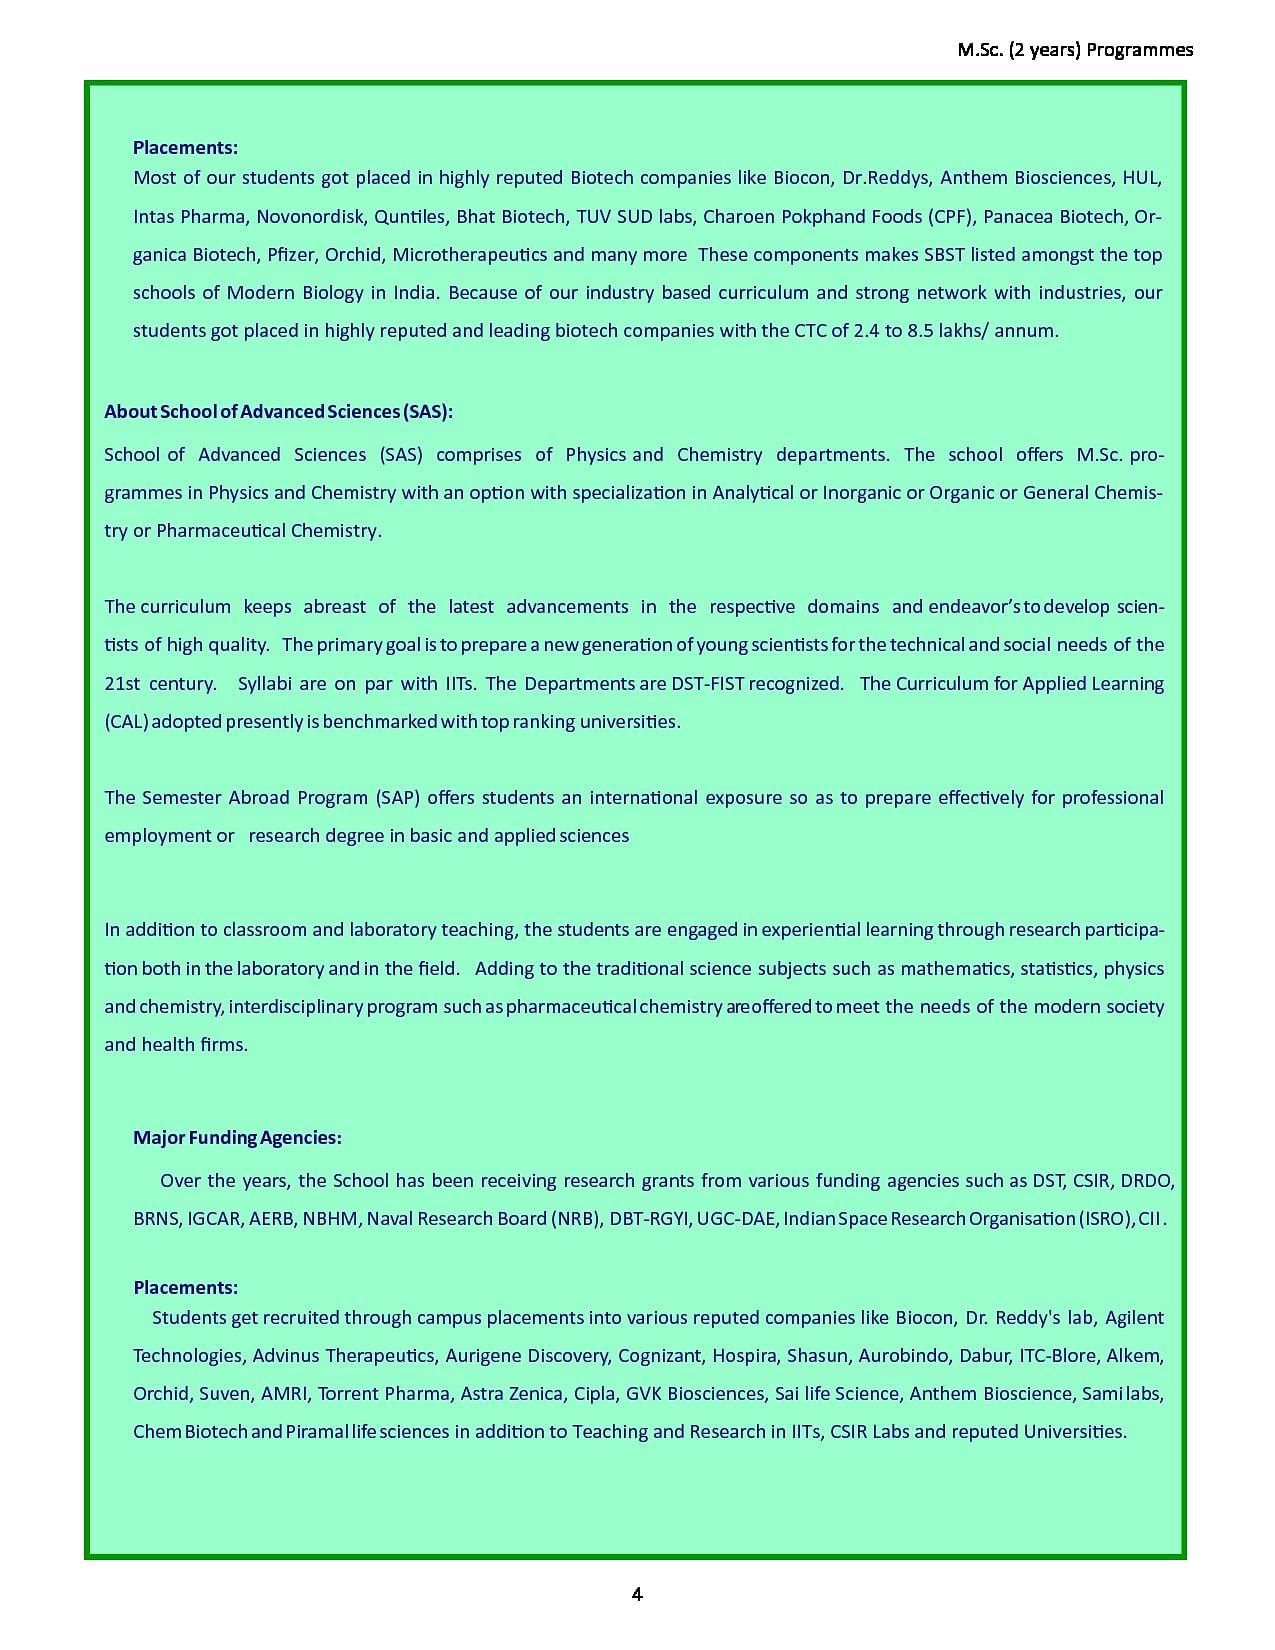 VIT Vellore - Courses, Fee structure, Placement, Reviews